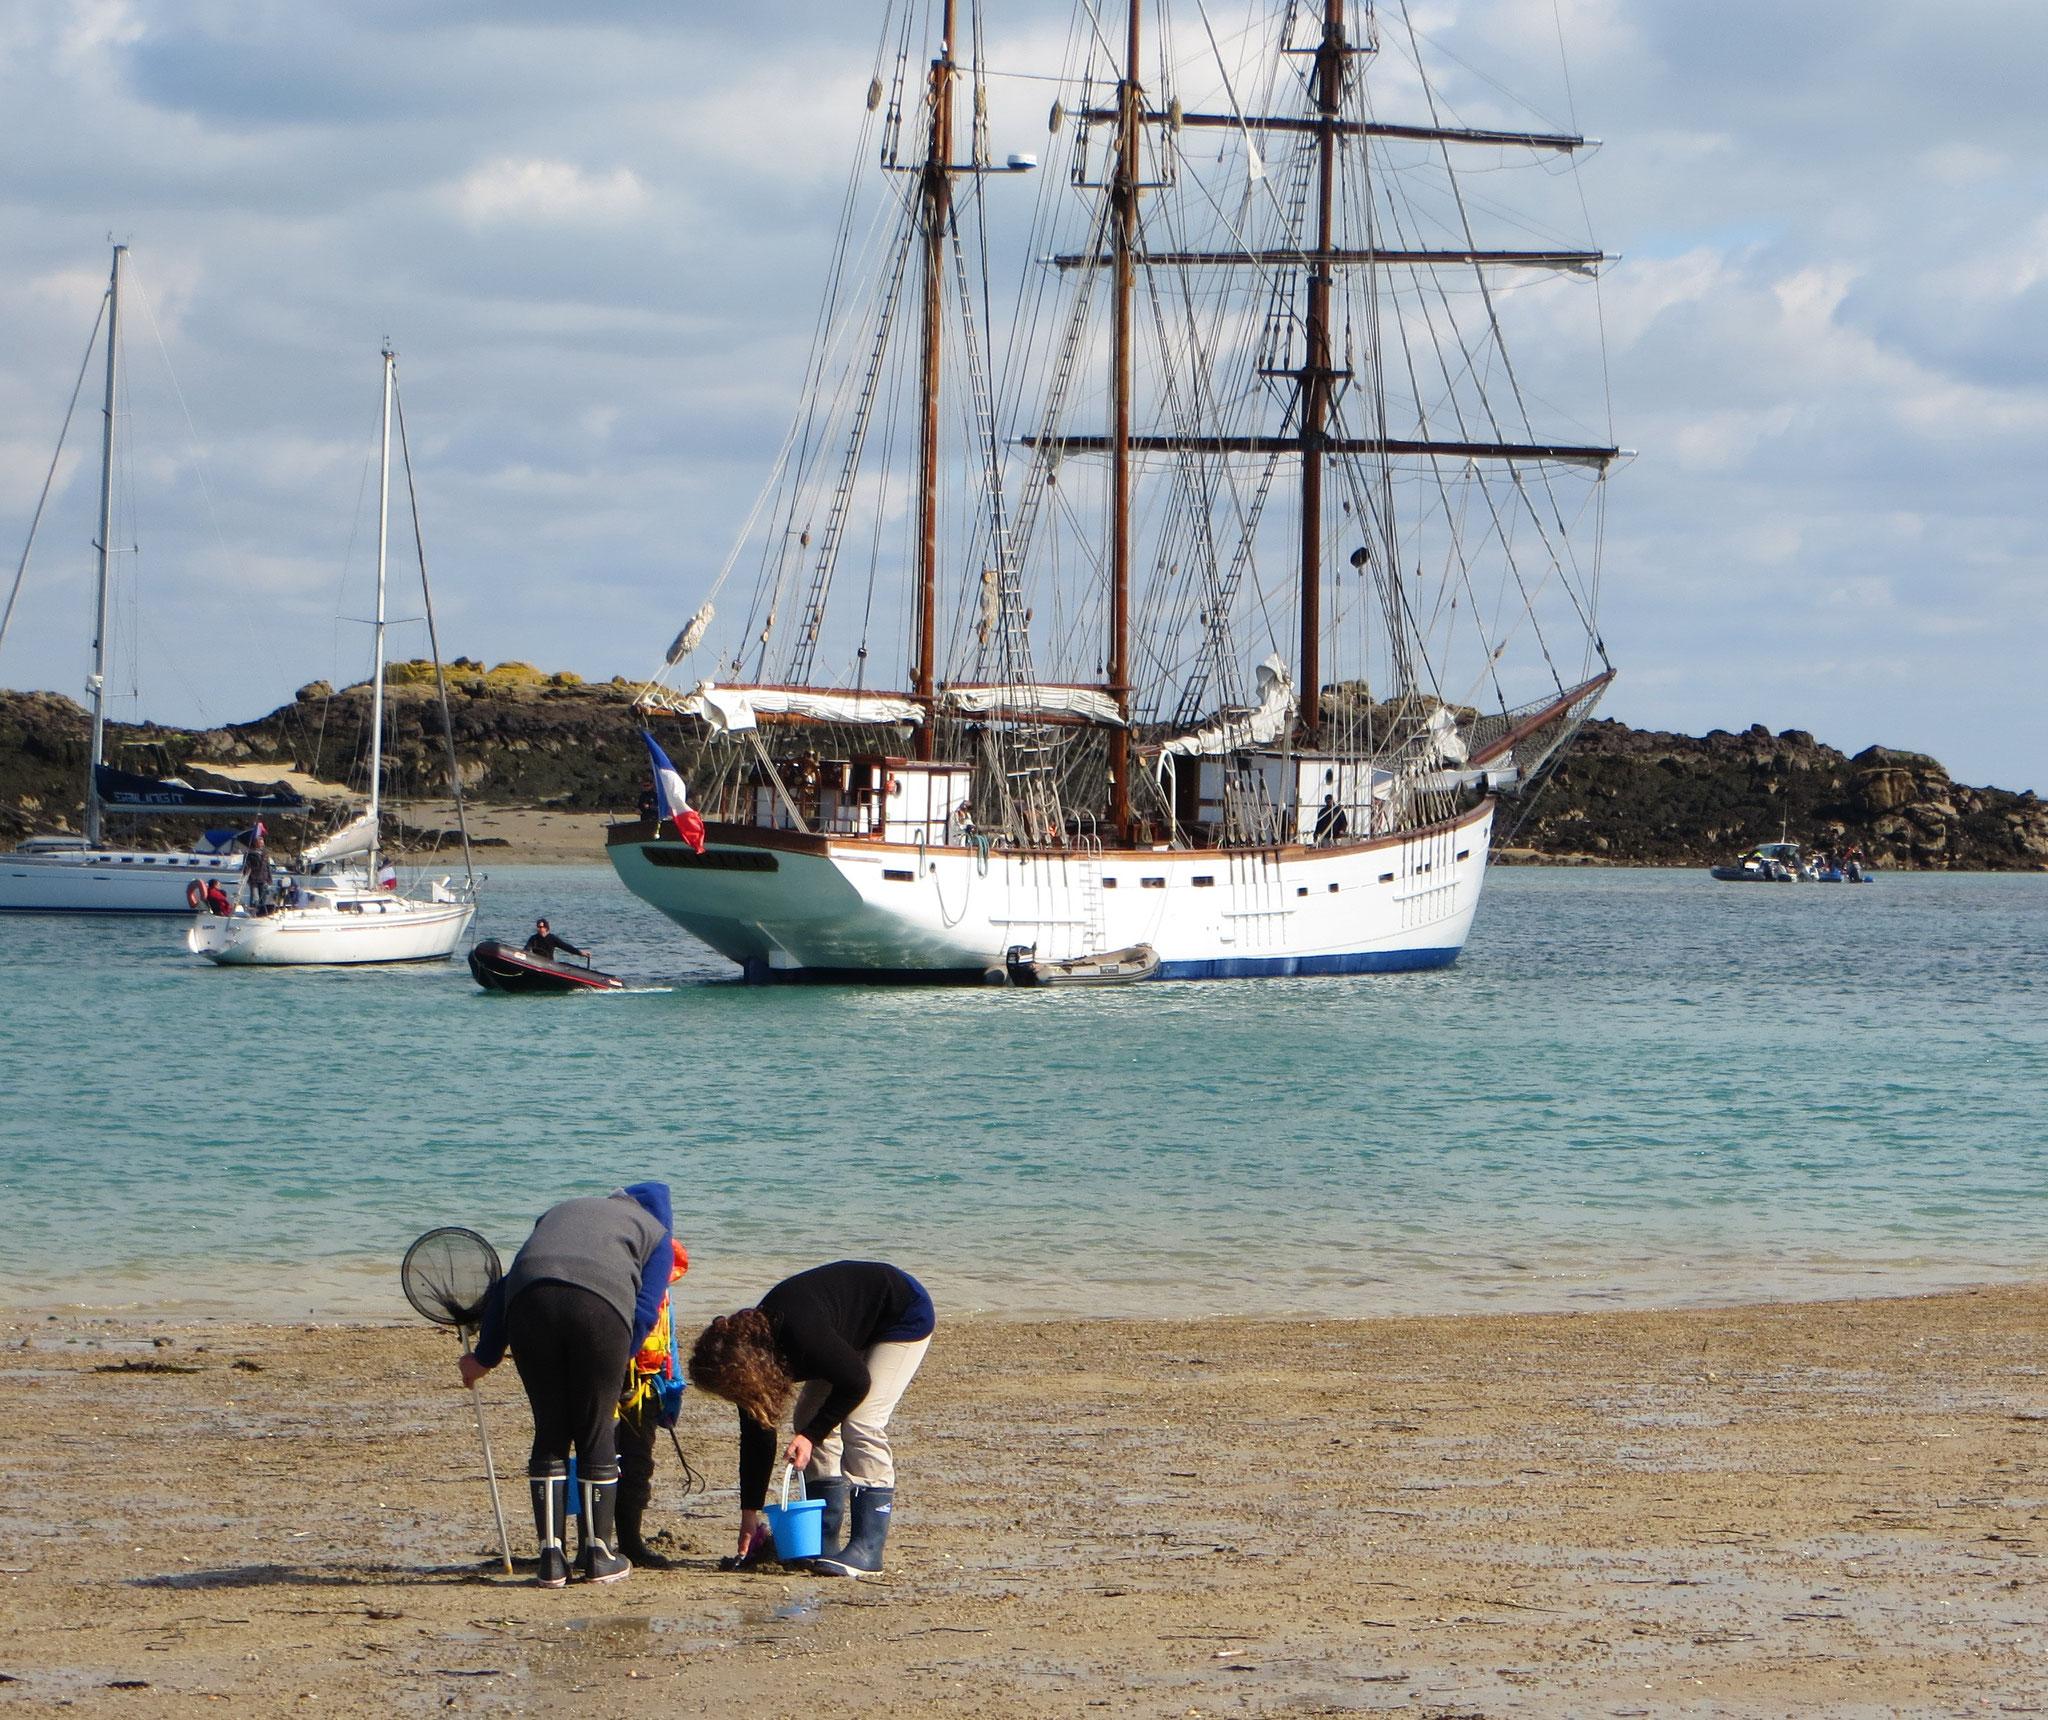 Im Chausey-Archipel in den Englischen Kanalinseln verwandelt sich der Meeresboden täglich vorübergehend in eine Muschel-Sammelbank